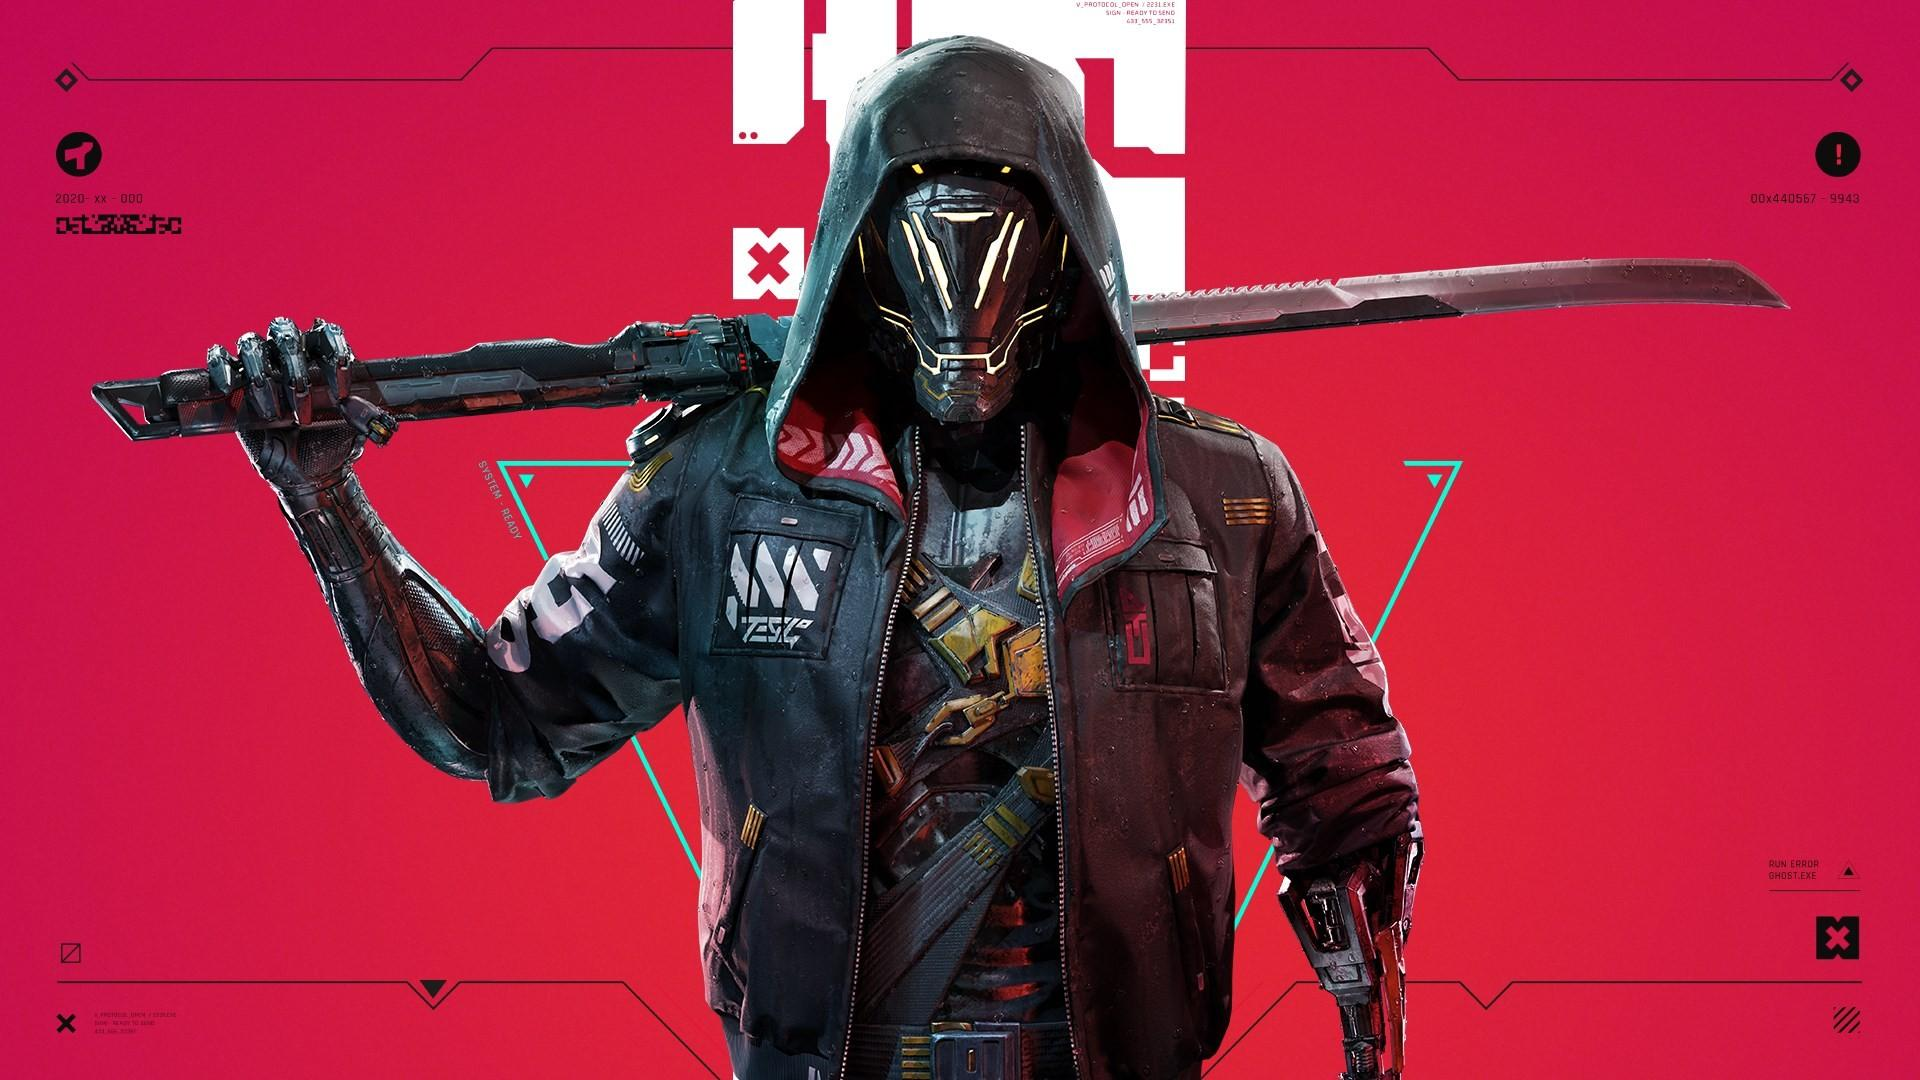 Продолжение Ghostrunner находится в разработке для PS5, Xbox Series X и PC 2